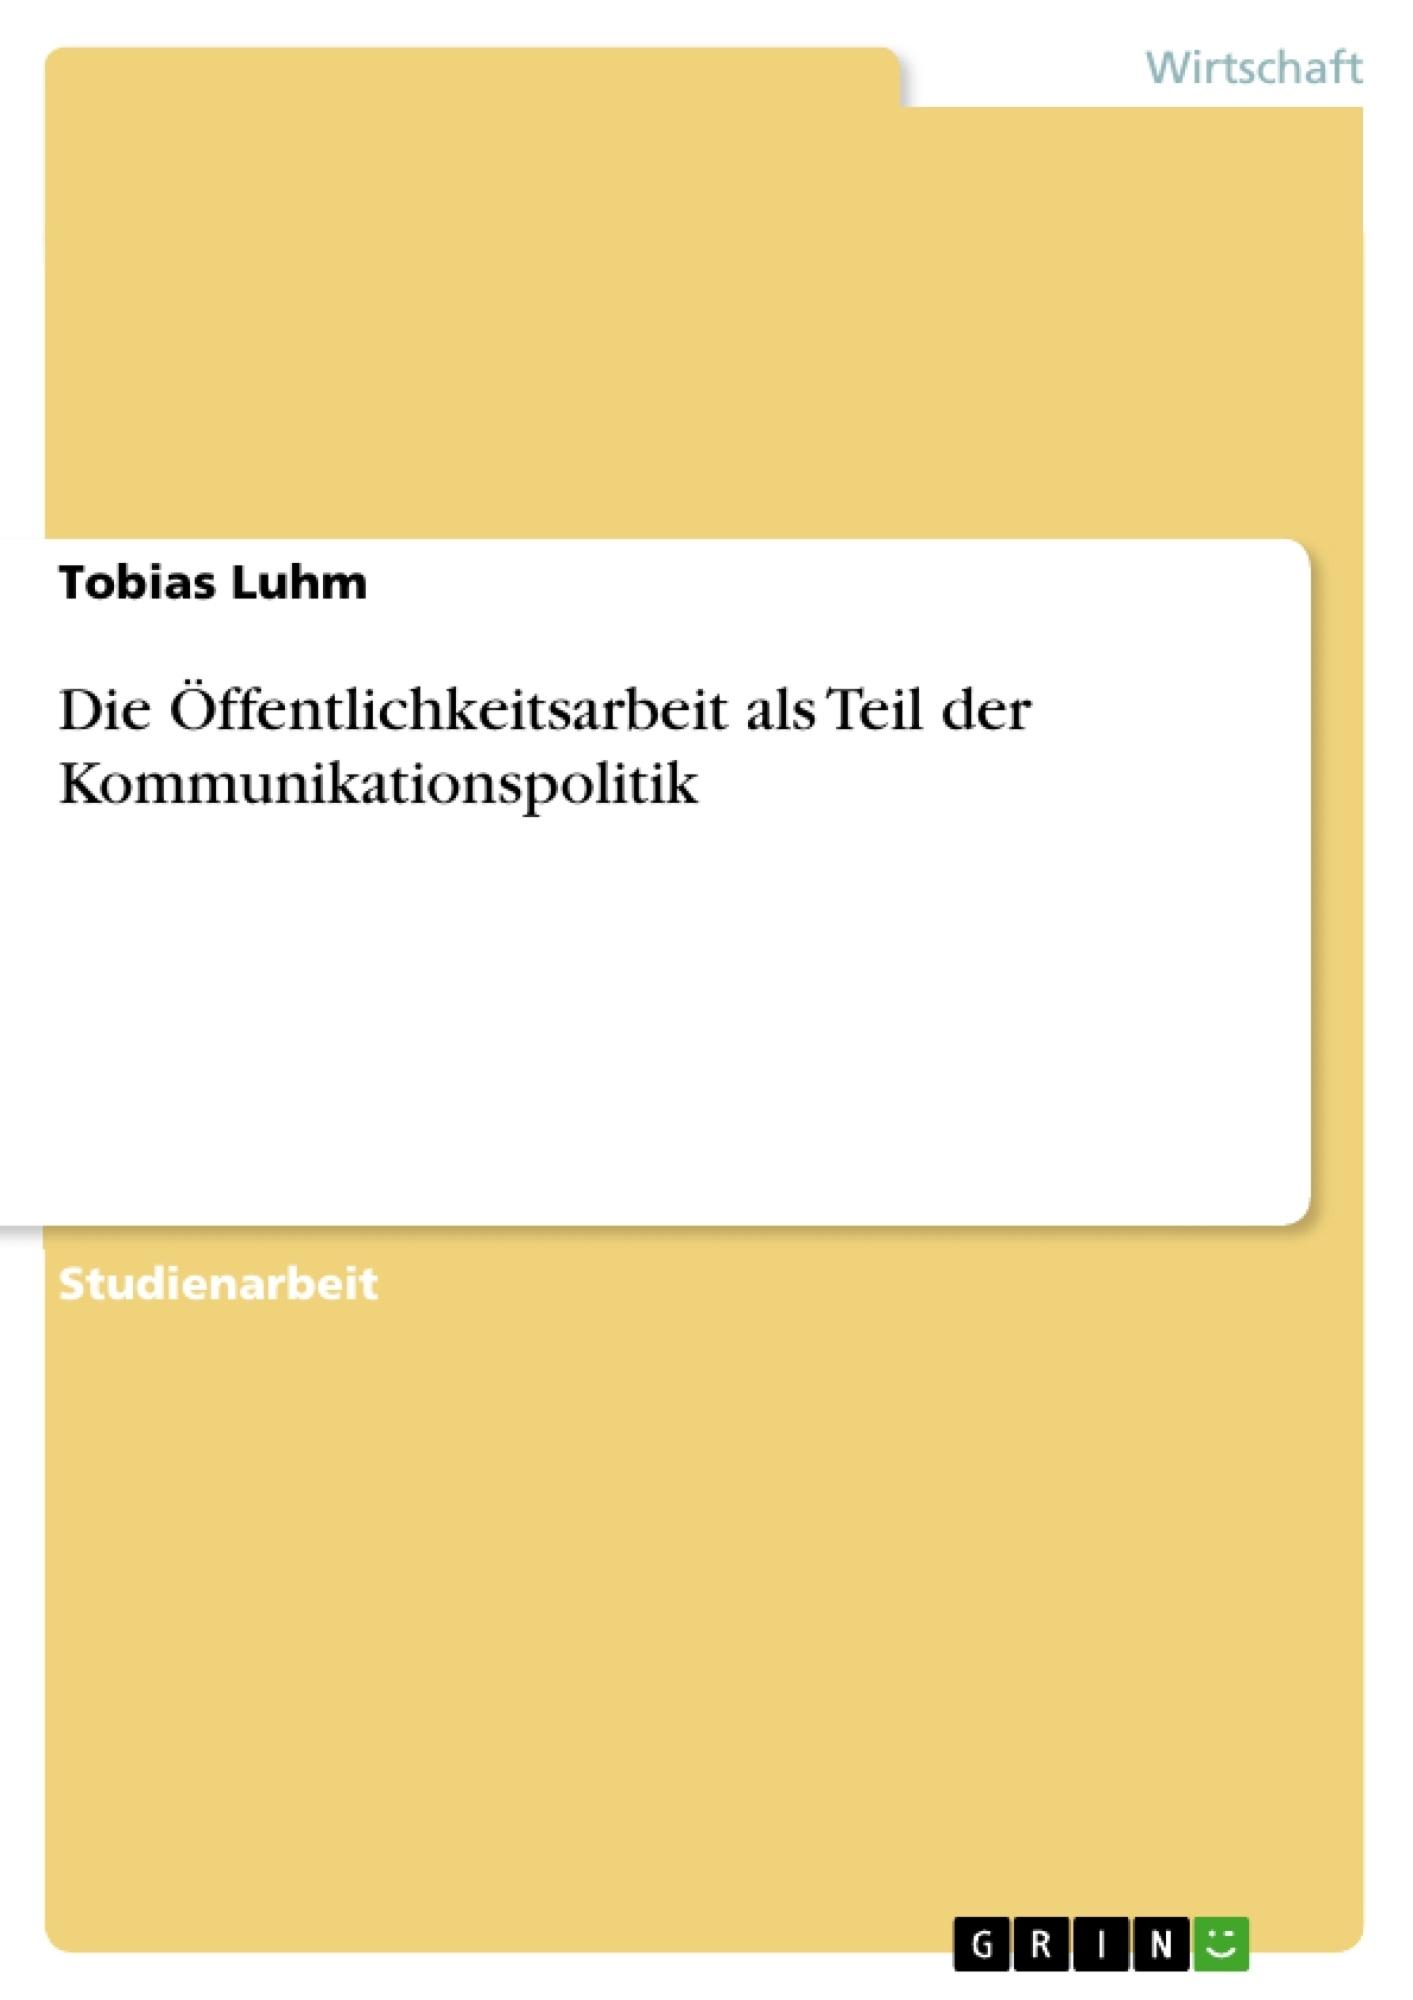 Titel: Die Öffentlichkeitsarbeit als Teil der Kommunikationspolitik